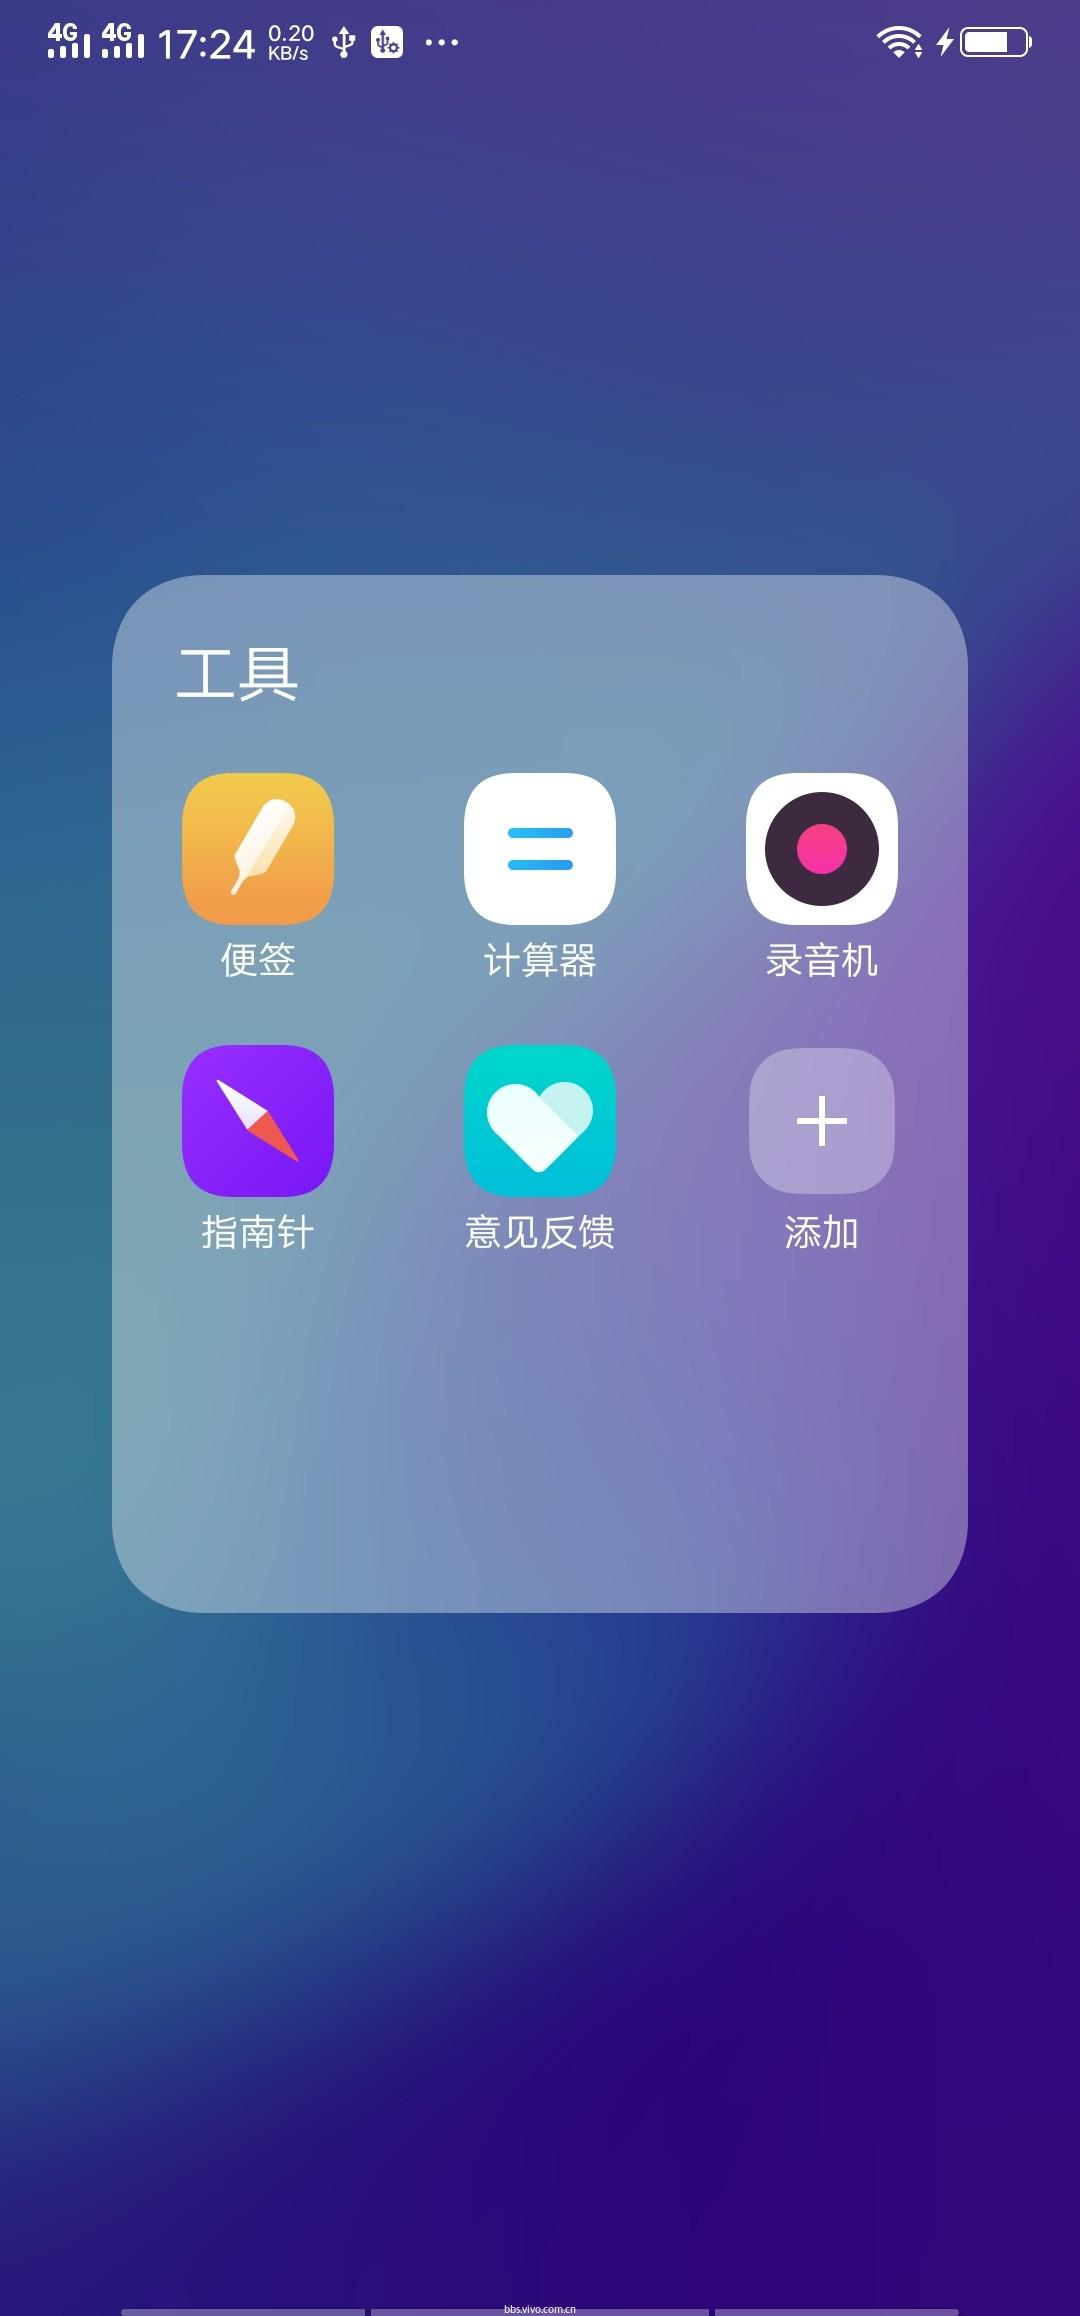 Screenshot_20180909_172439.jpg